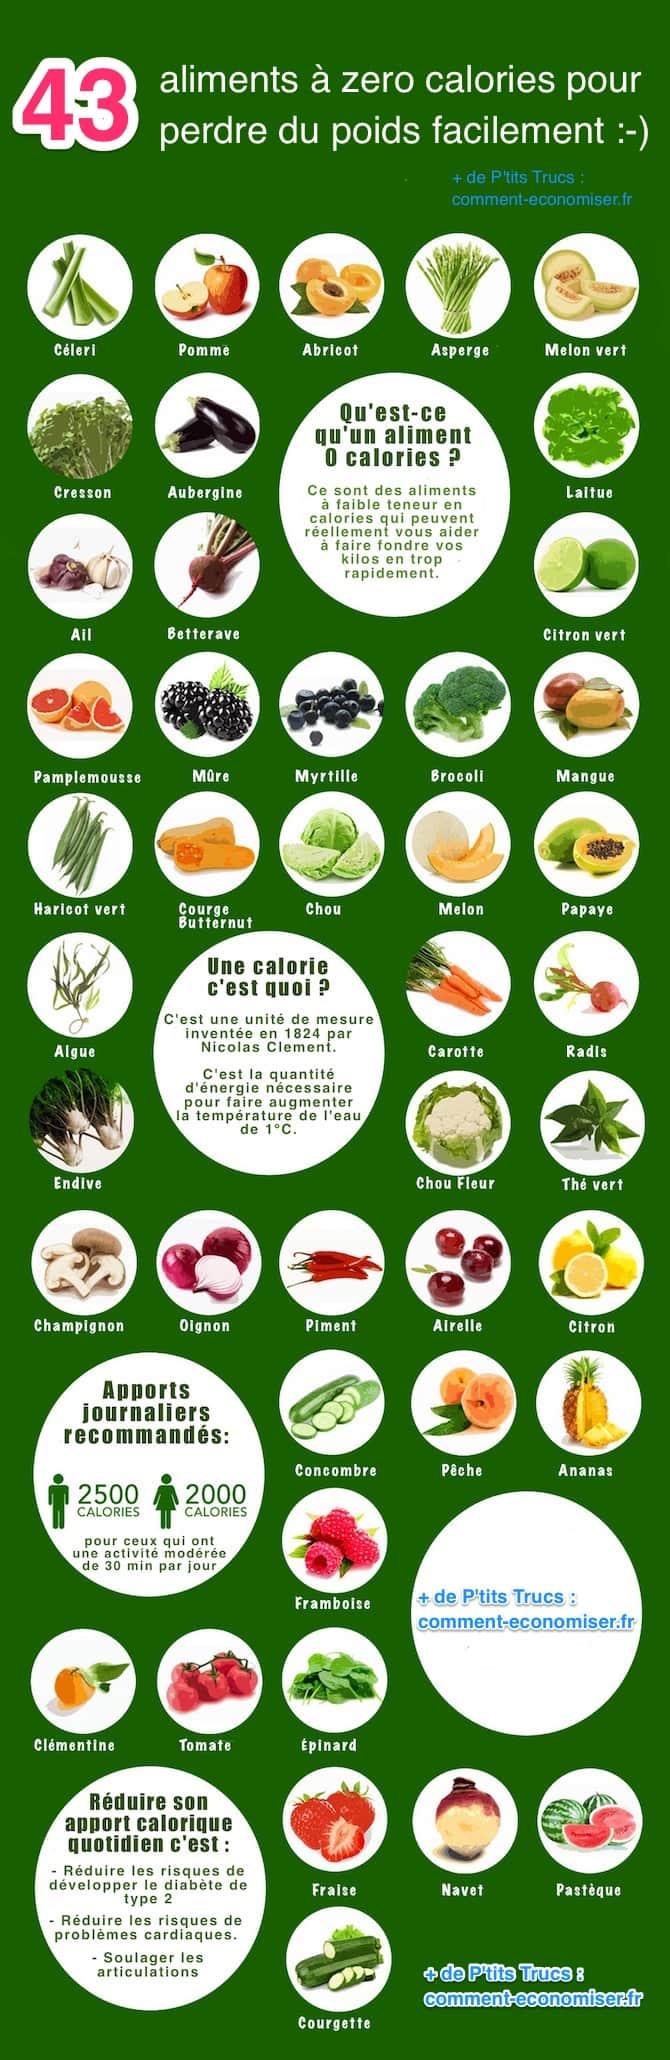 Aliments qui permettent de perdre du poids